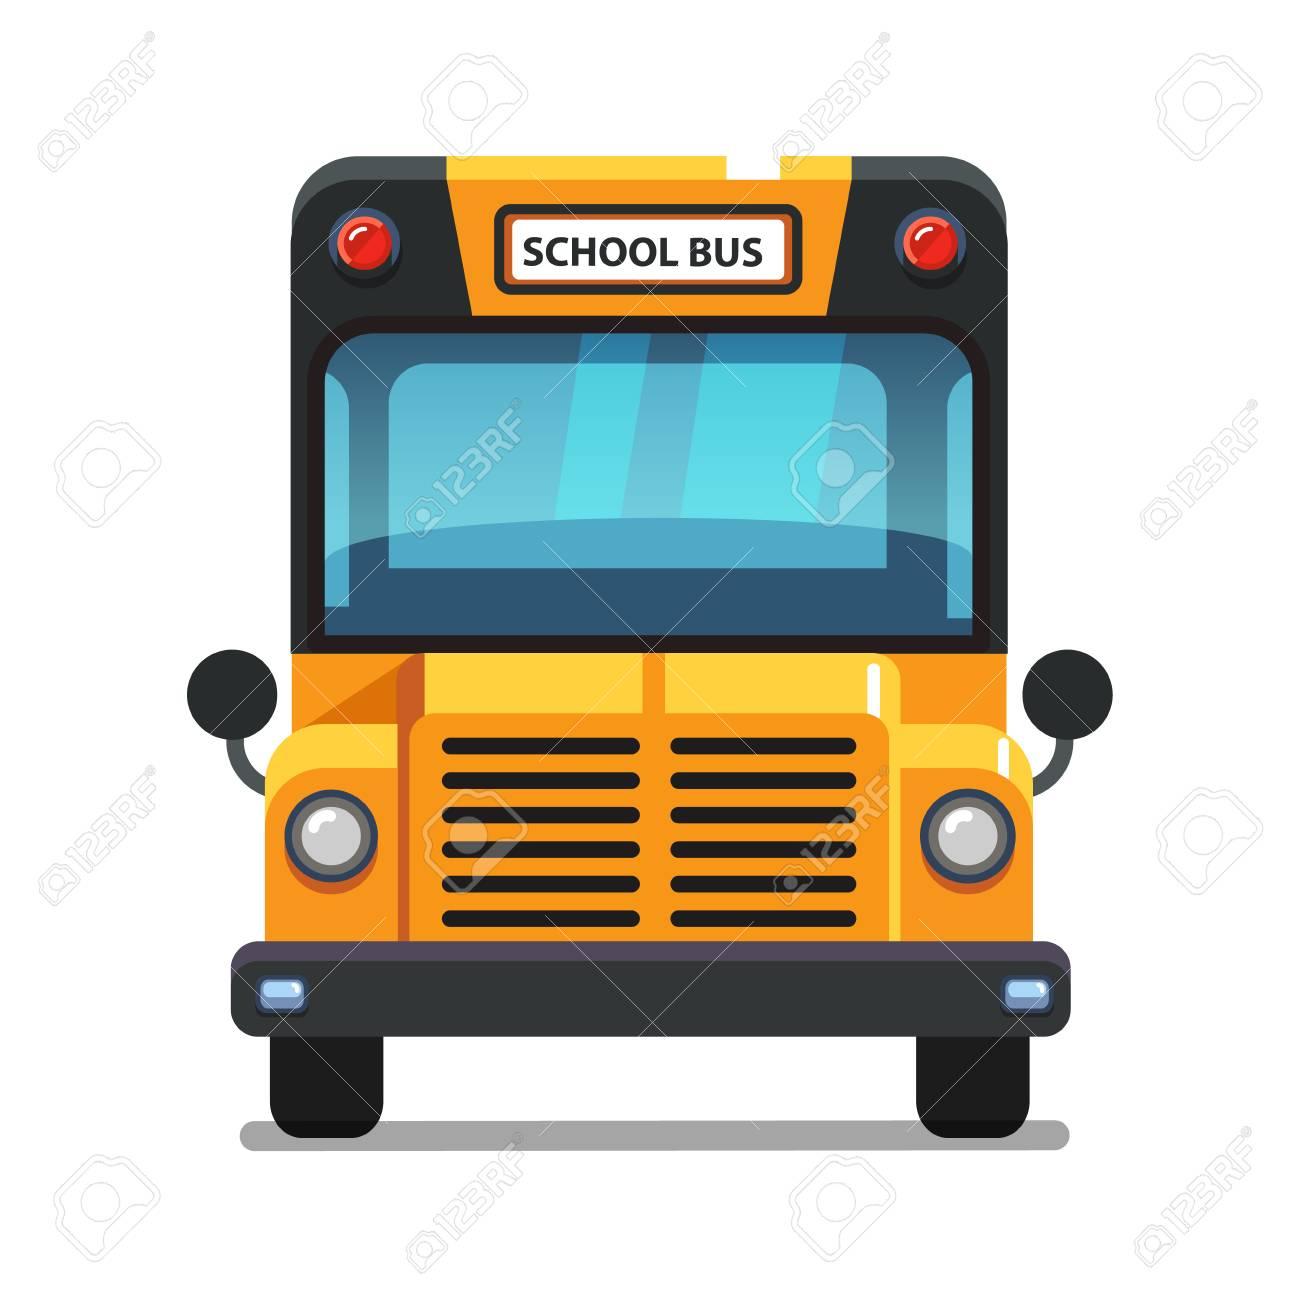 Vue De Face De L Autobus Scolaire Jaune Illustration De Vecteur De Style Plat Coloré Isolé Sur Fond Blanc